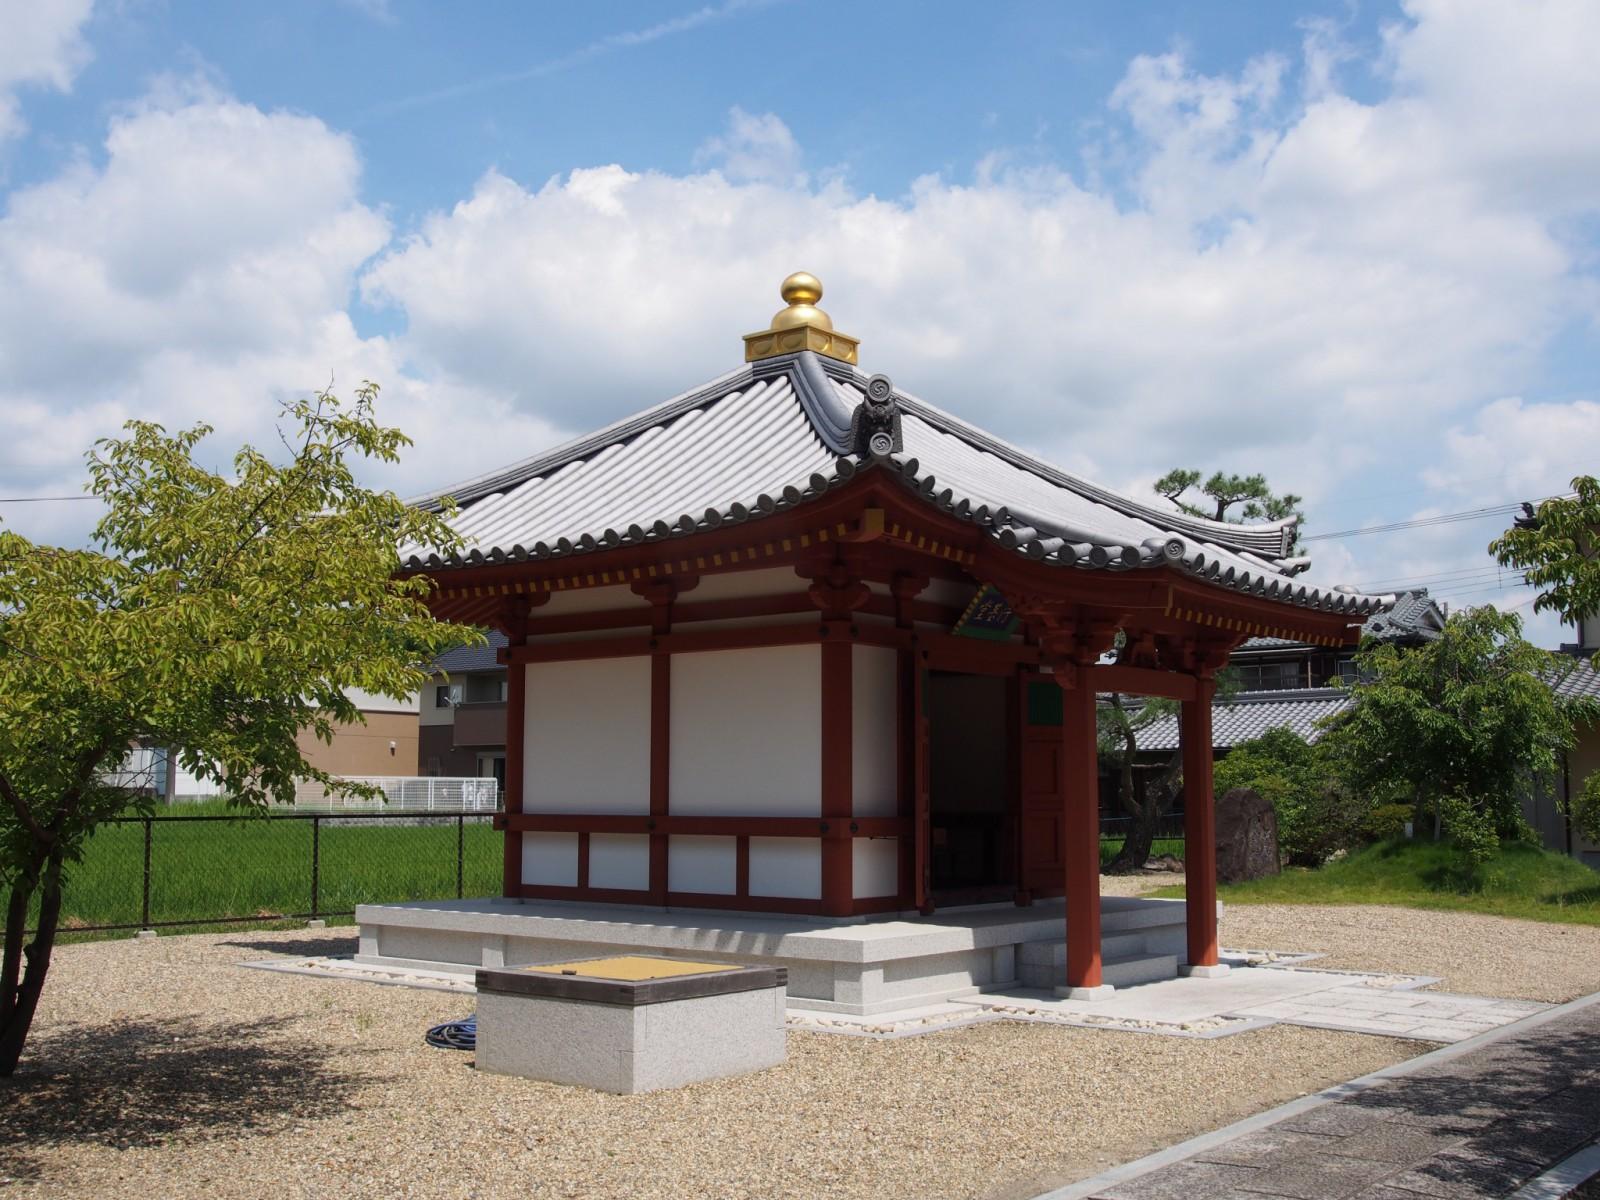 喜光寺の本堂北側にある「行基堂」